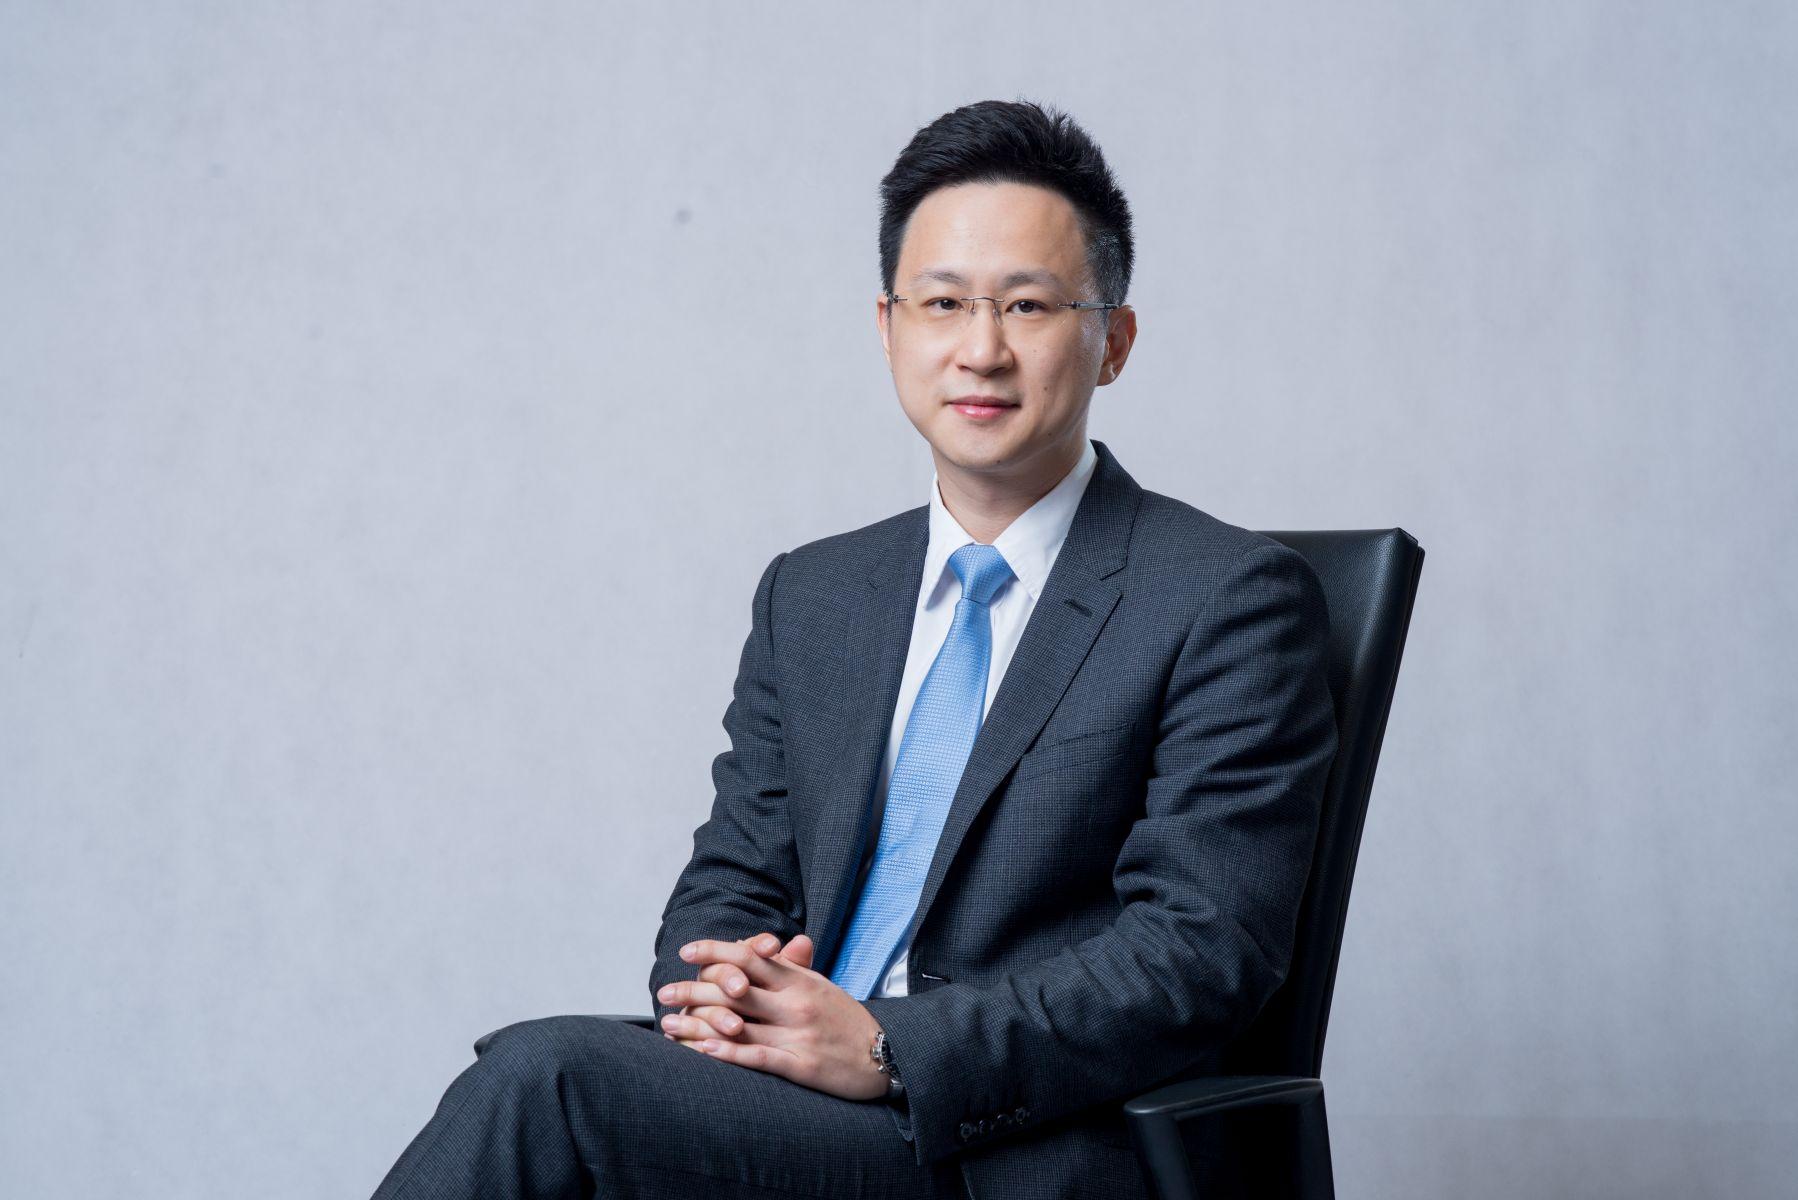 別說中國經濟保六就沒戲唱了 專家:陸股翻揚30% 明年還有三大利多撐腰